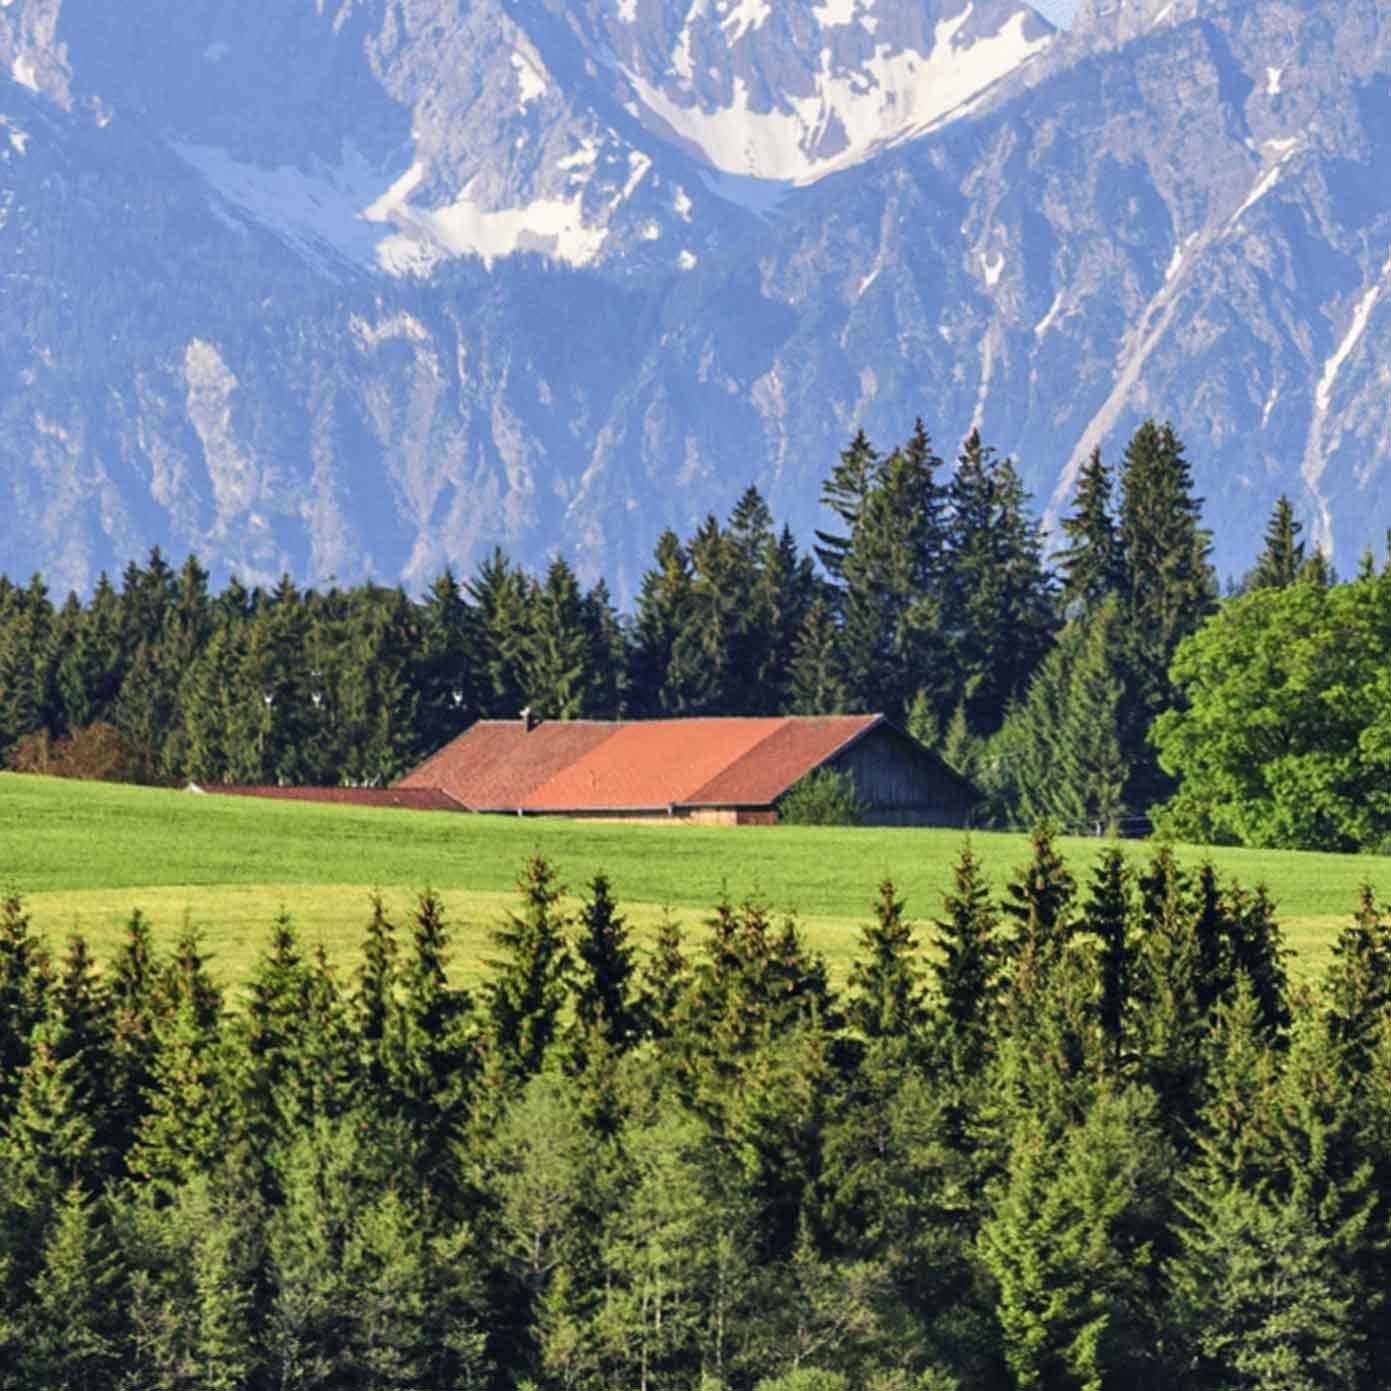 Bayern mit Alpenbergen Teil 3 – Modellbahn Hintergrund 300cm x 70 cm 5